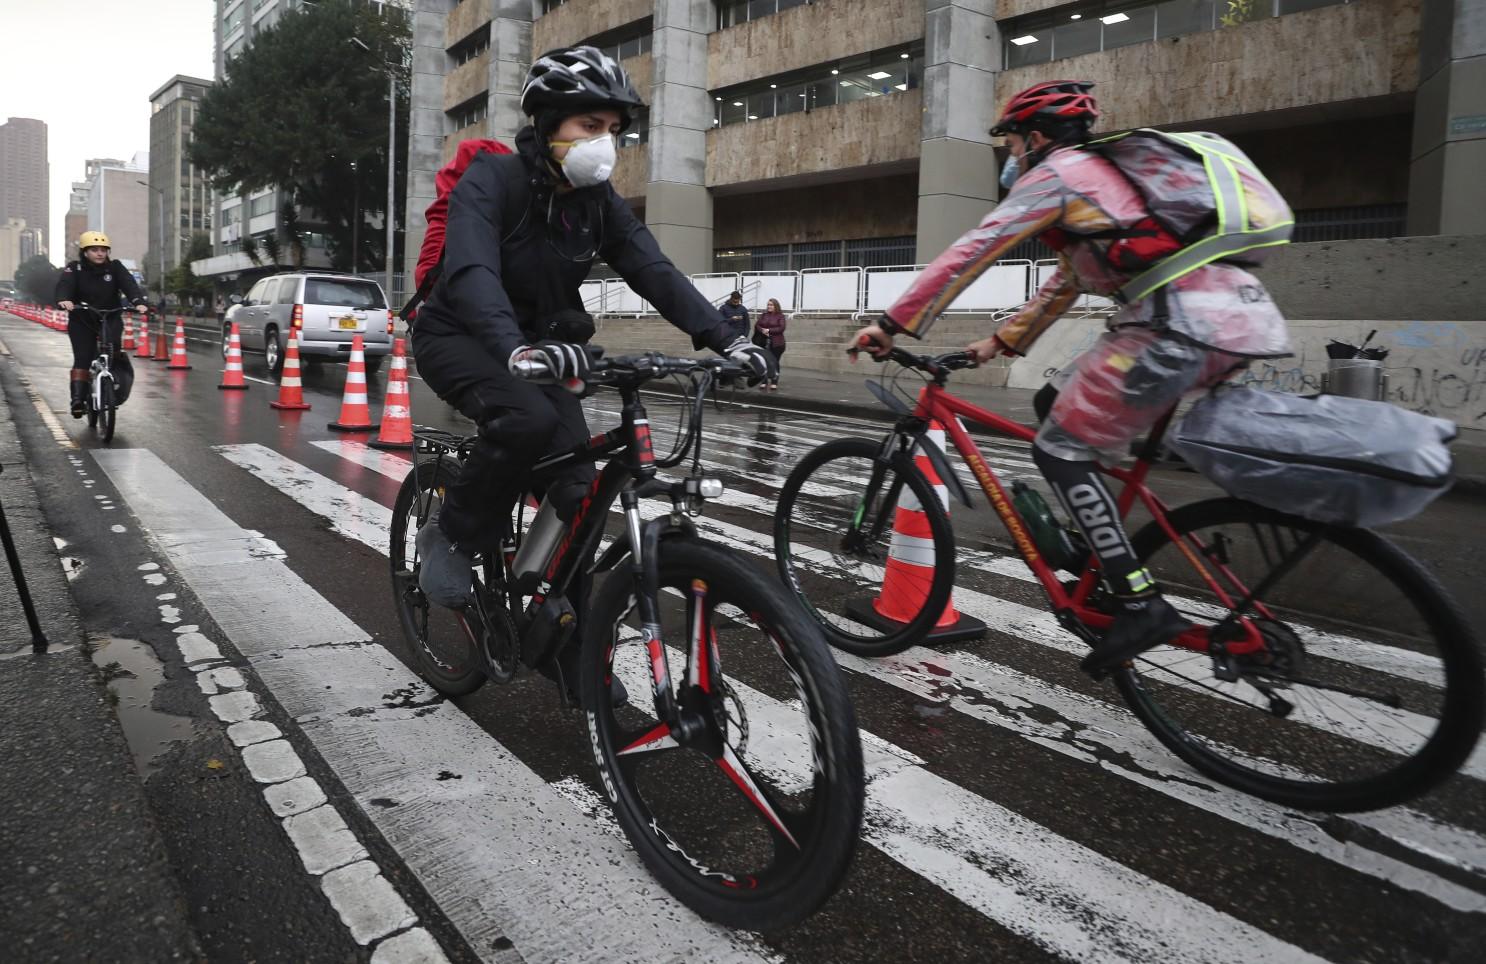 La bicicleta ganó terreno en muchos países como una opción de transporte ante el coronavirus